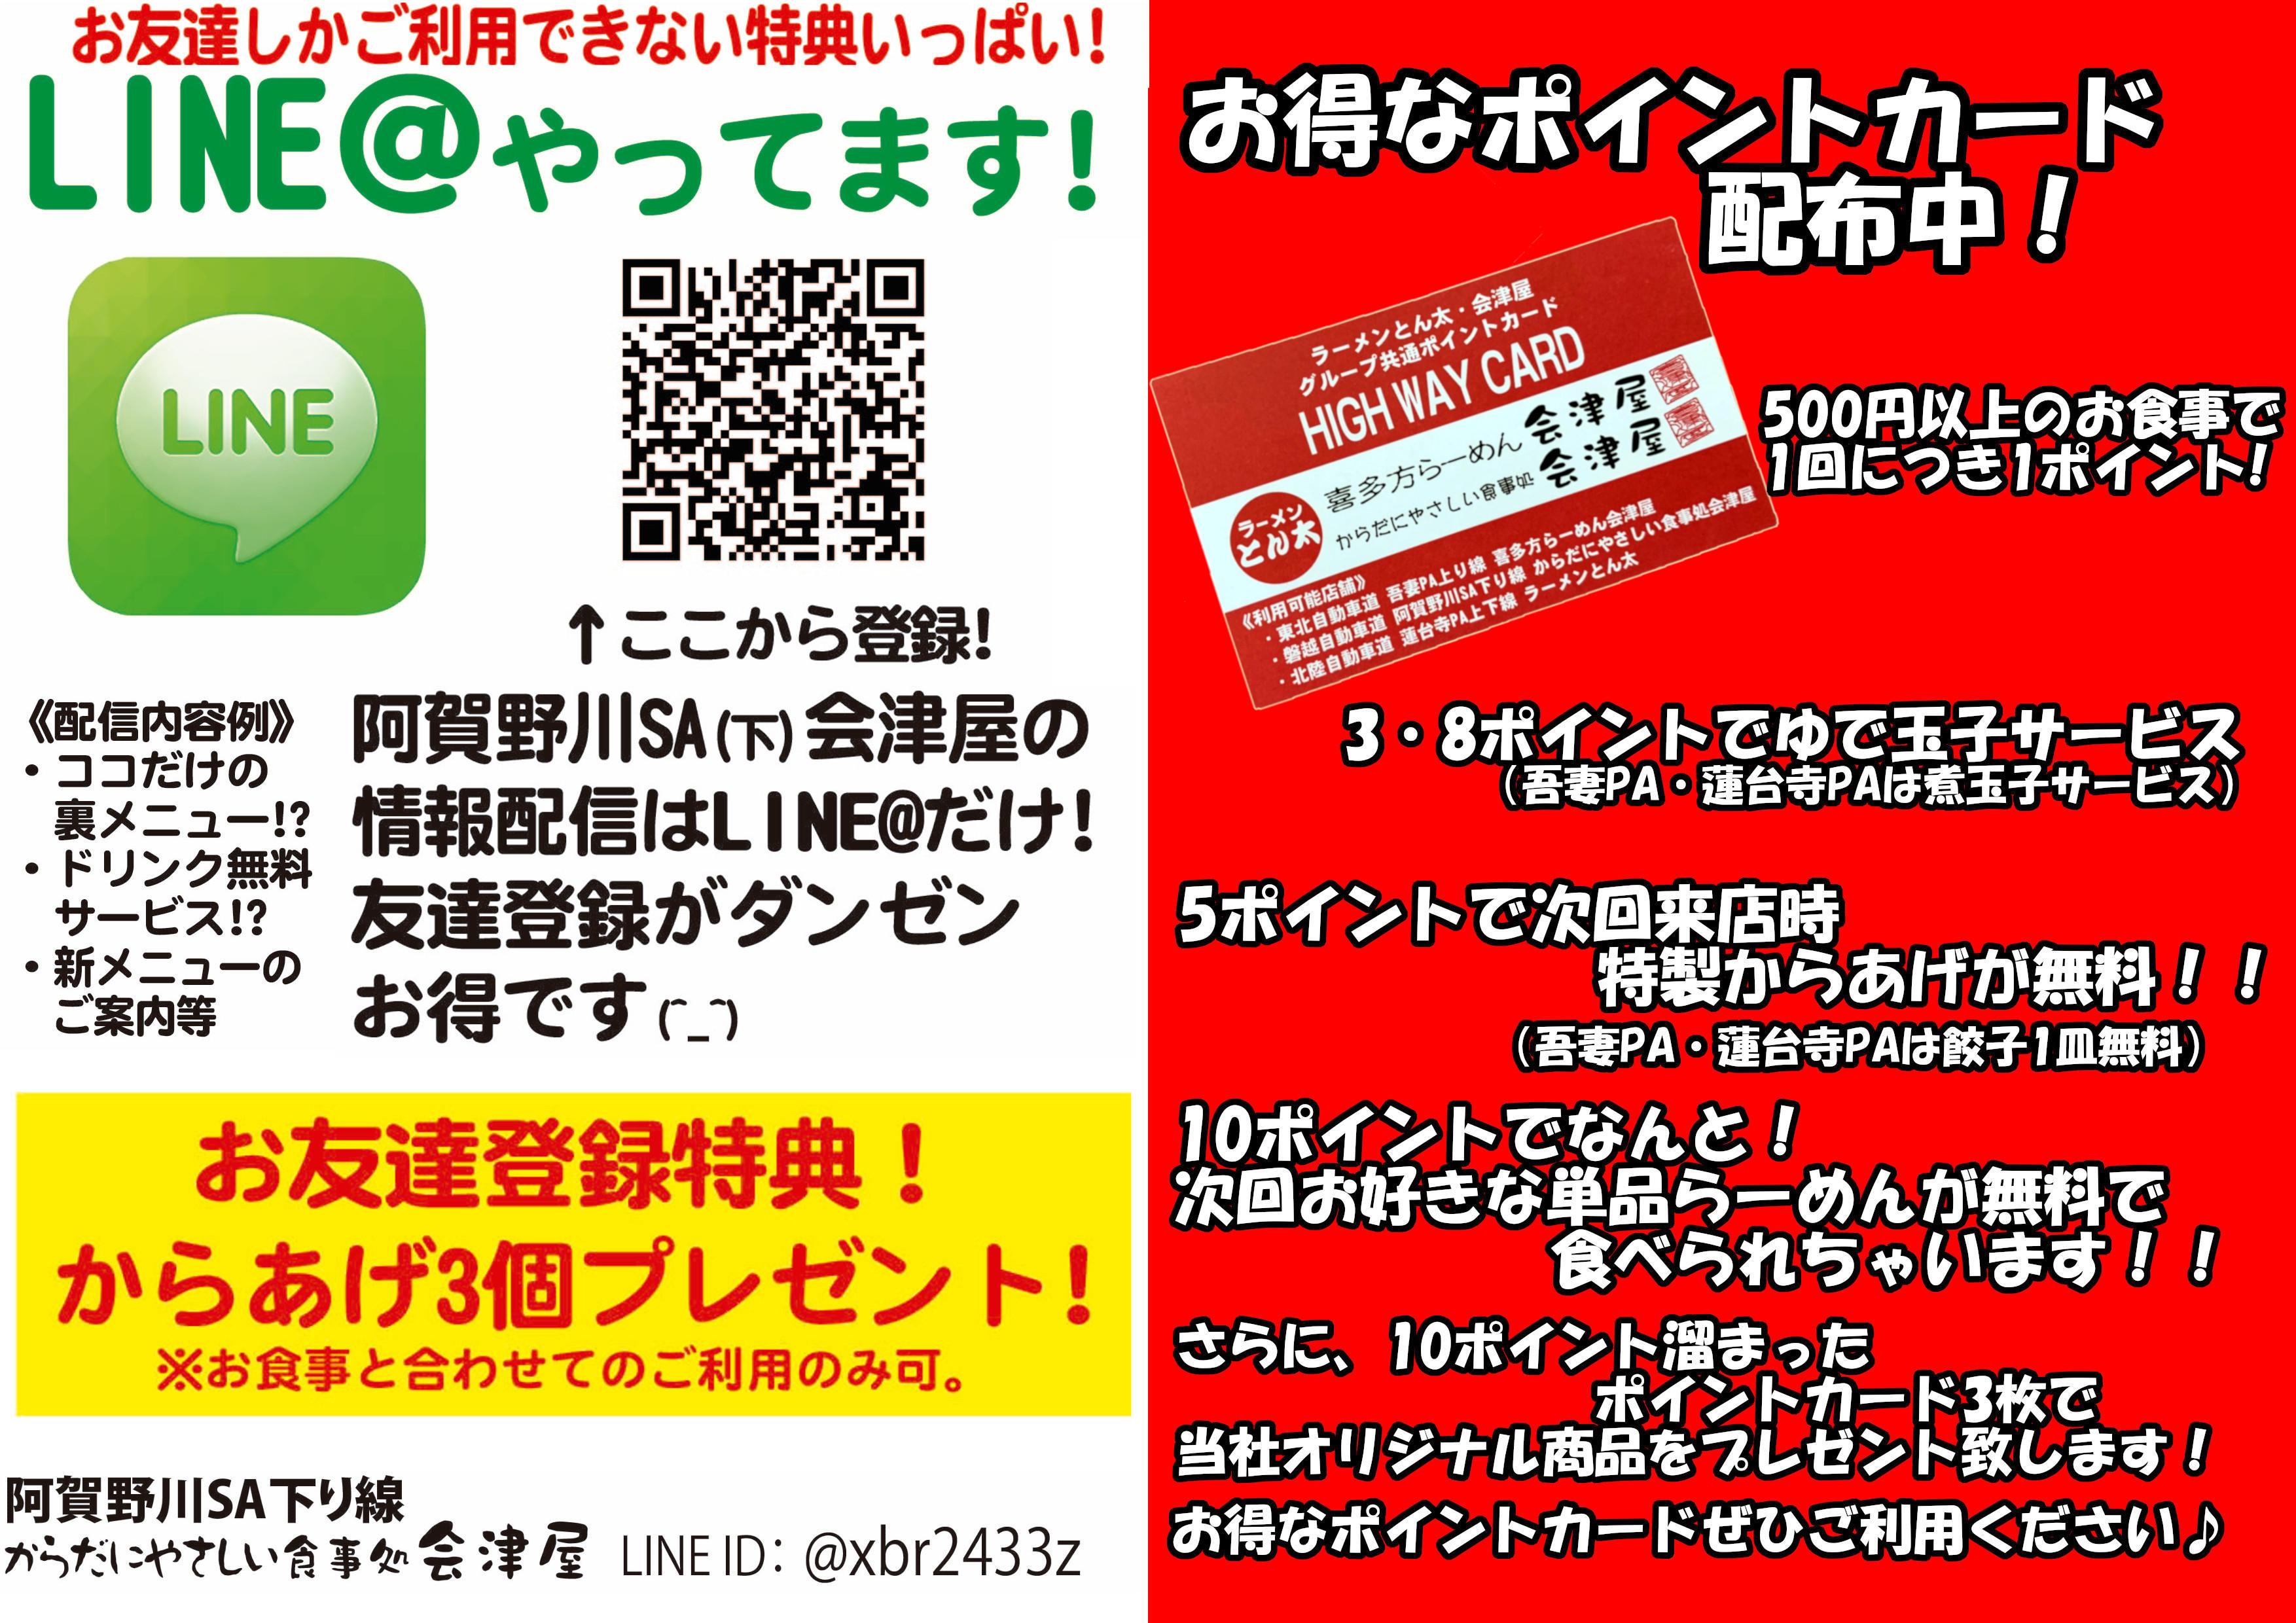 ポイントカード・LINEPOP.jpg